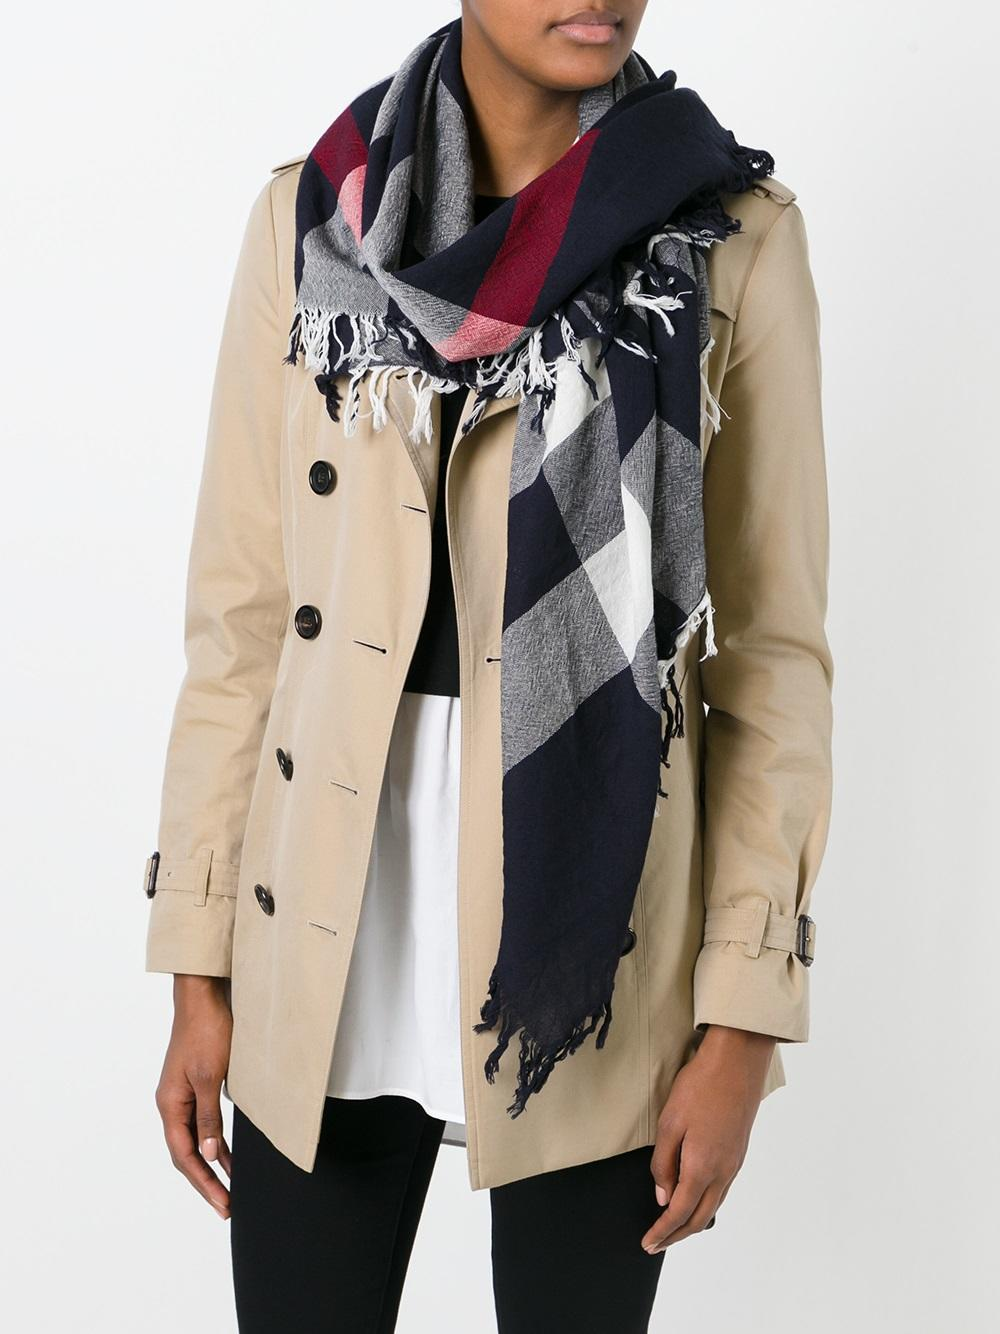 221a70576a26 Клетчатый шарф также стал лицом брэнда, символом респектабельности,  показателем уровня жизни его владельца.